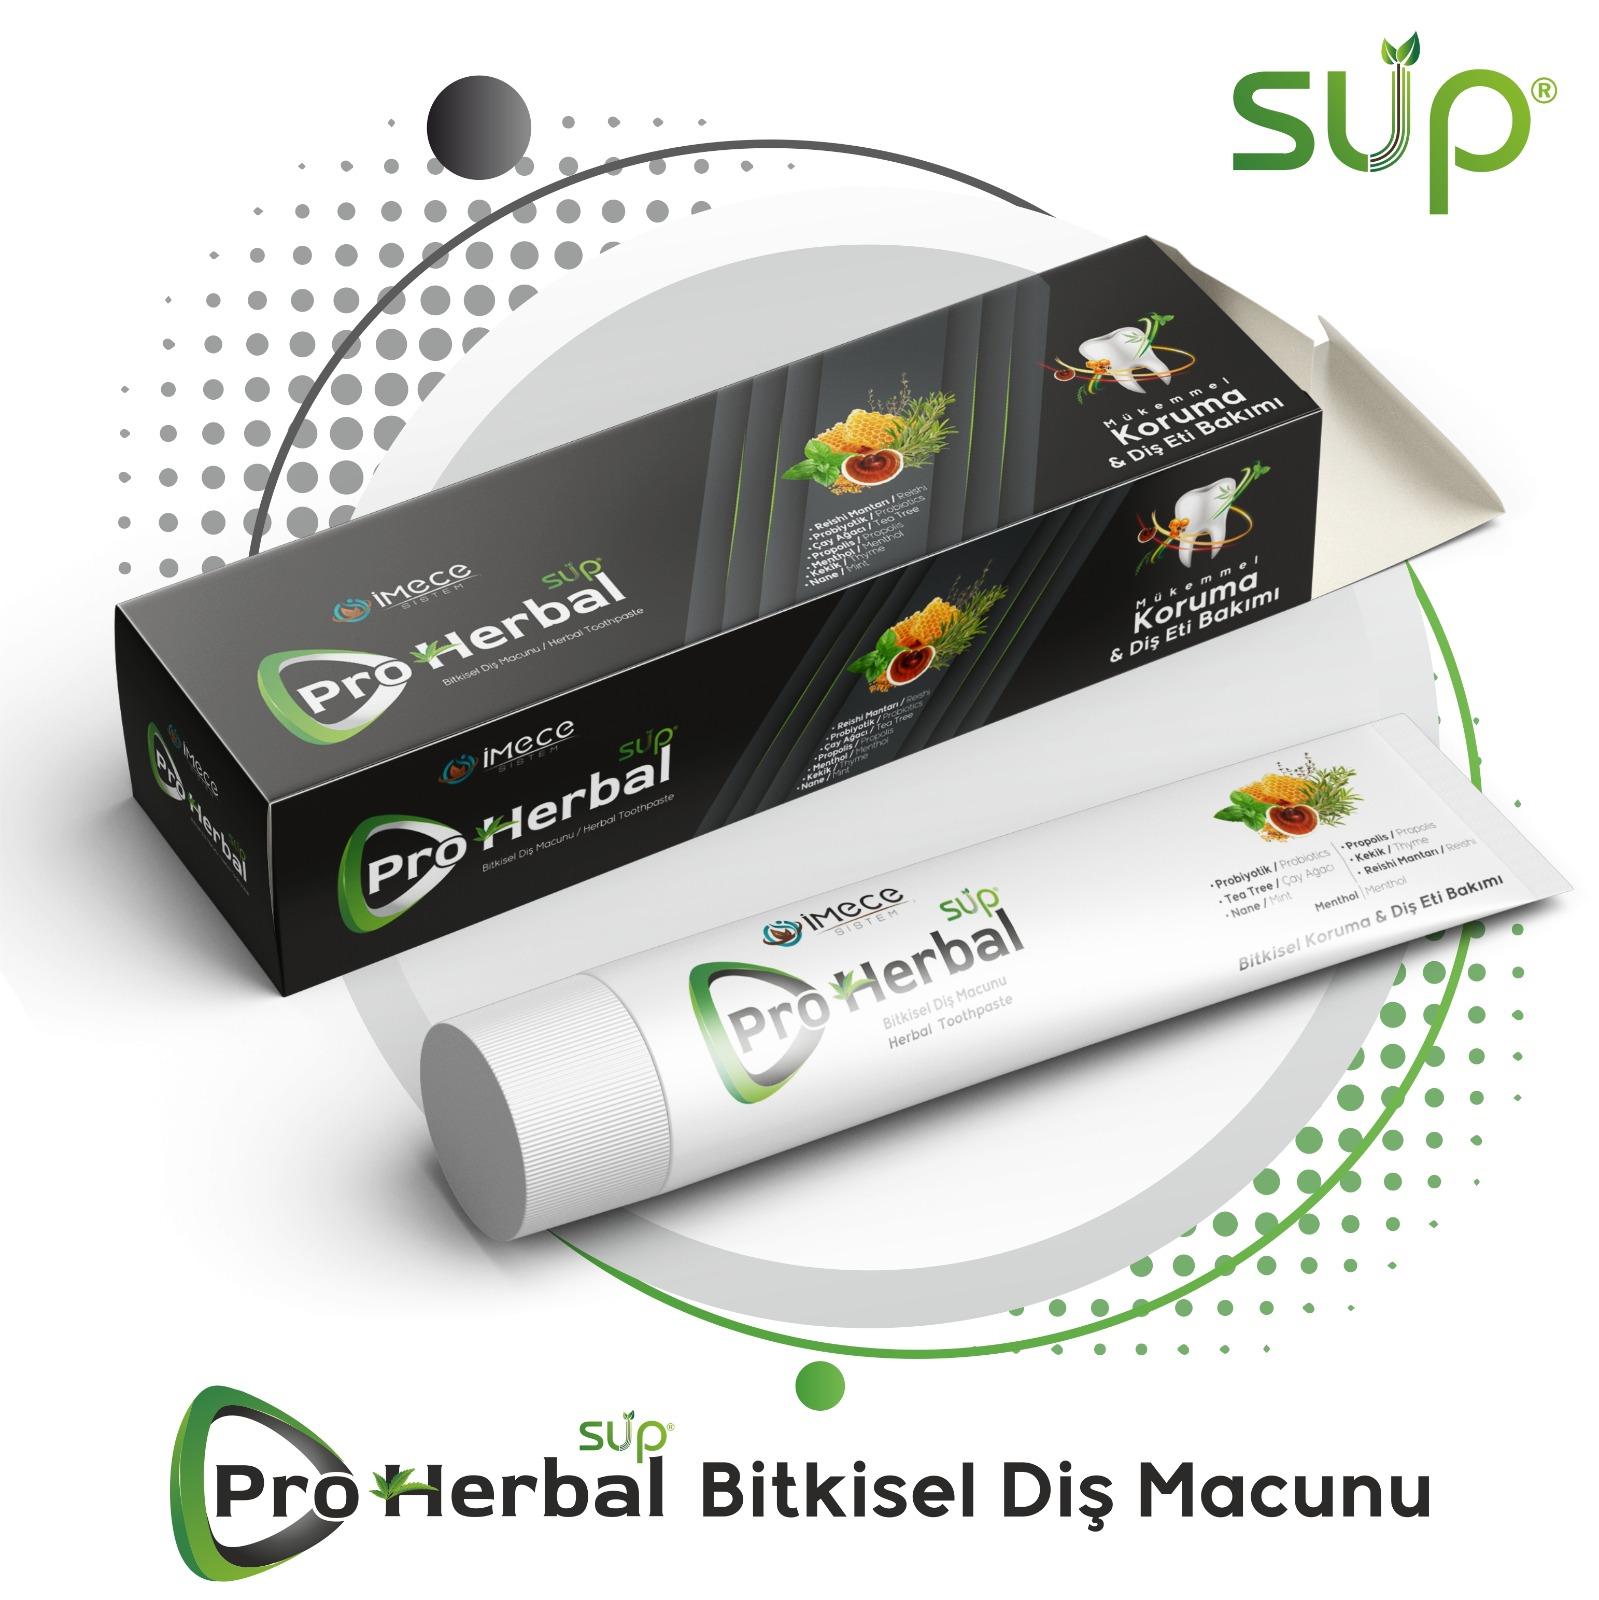 Sup Pro Herbal Bitkisel Diş Macunu